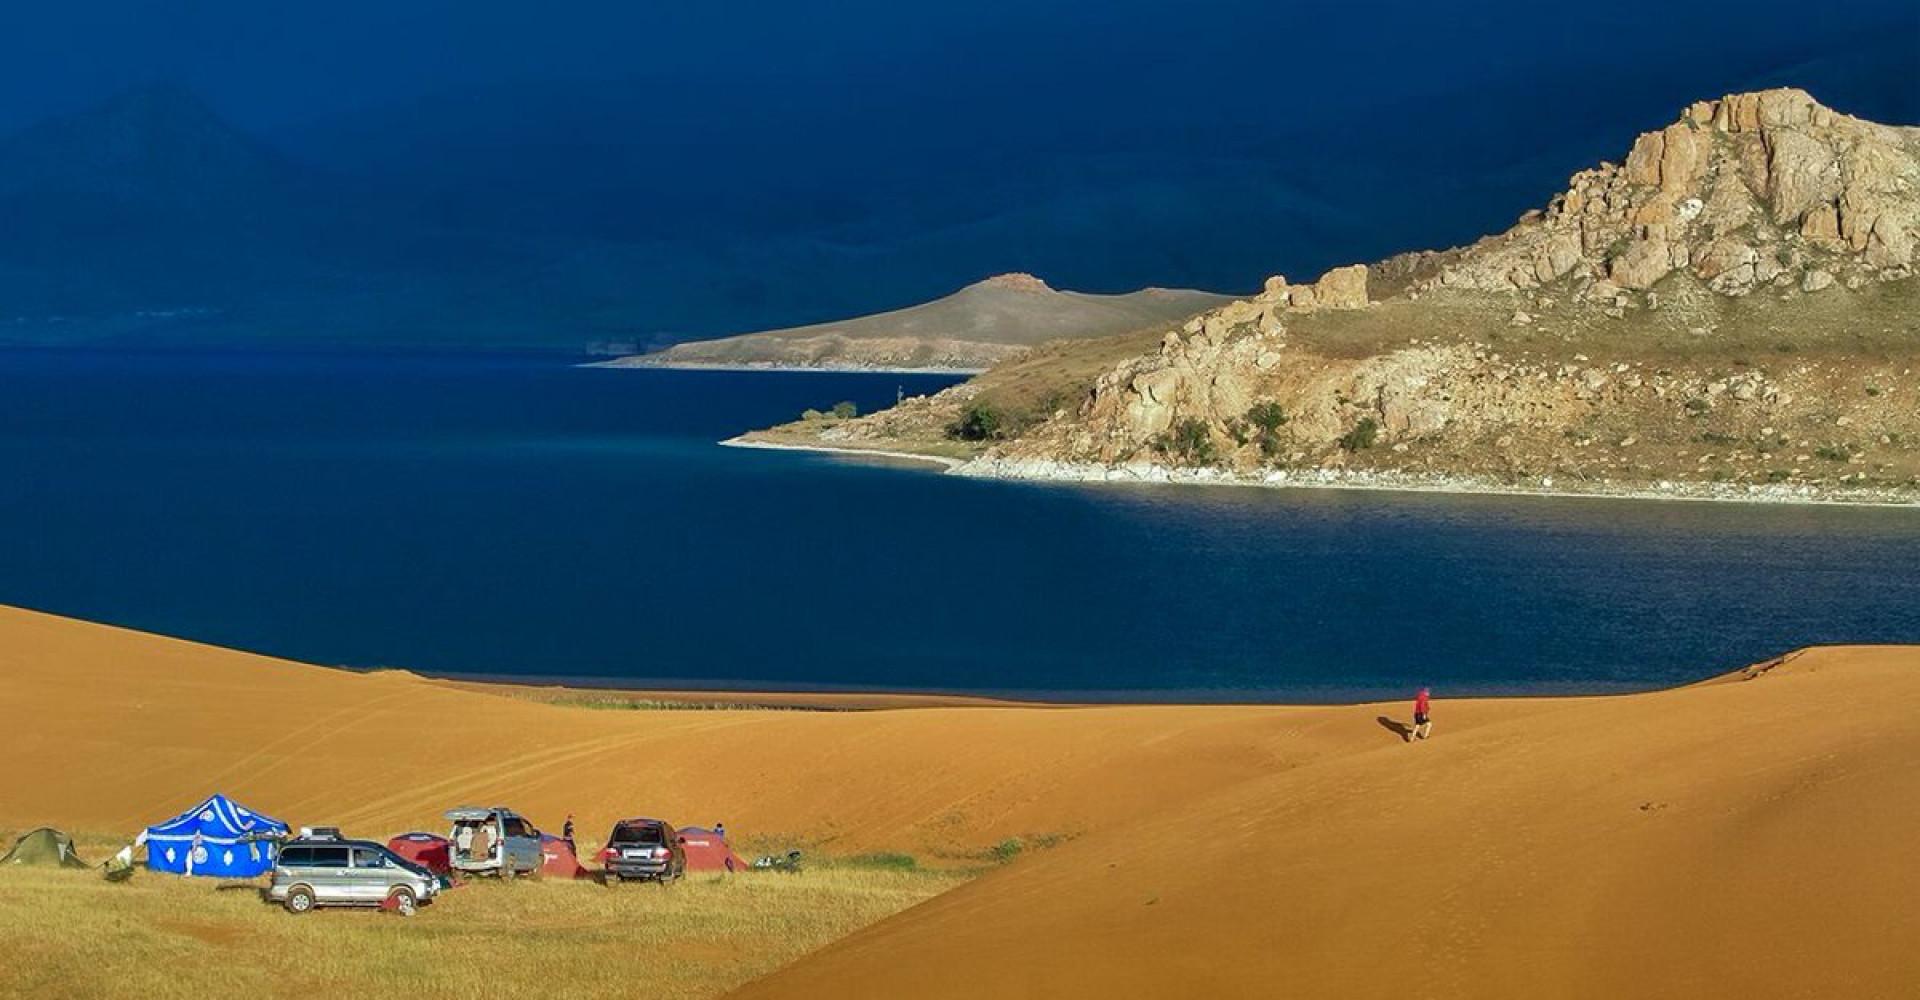 Ulaagchnii khar lake